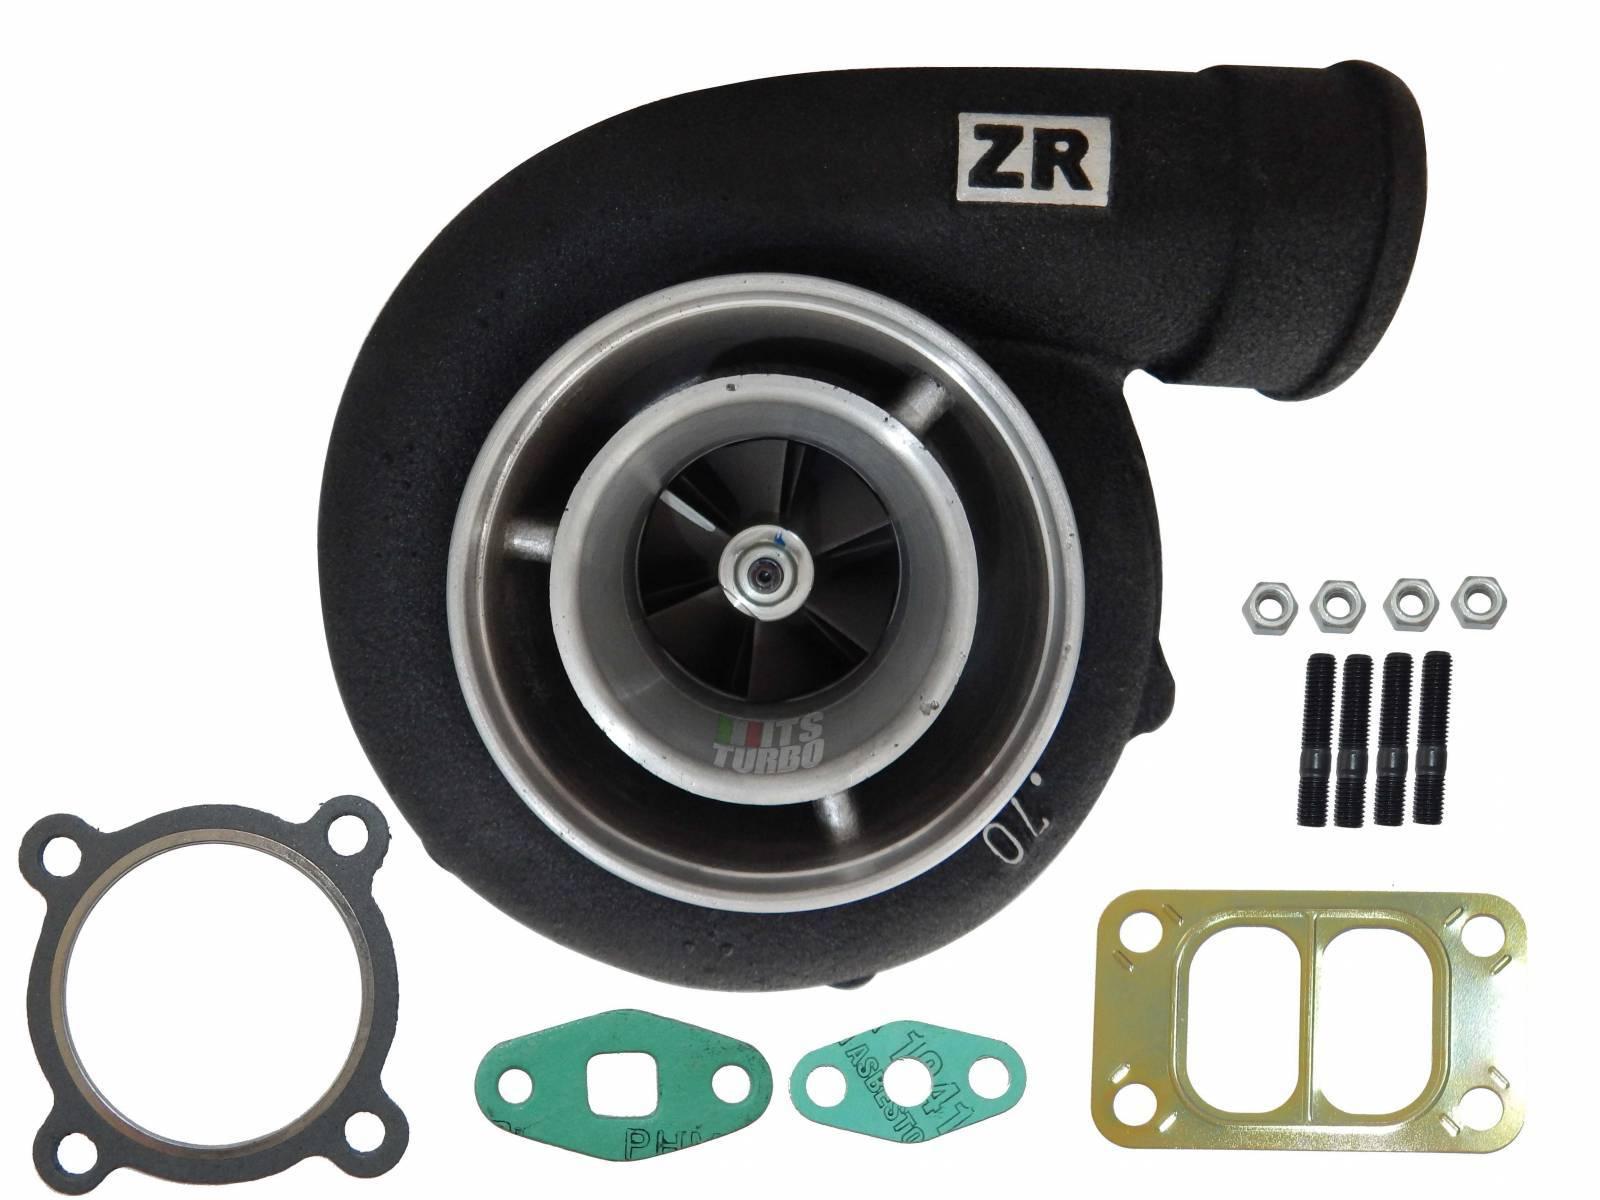 Turbina ZR .70 Black - ZR5664 - ITS Turbo